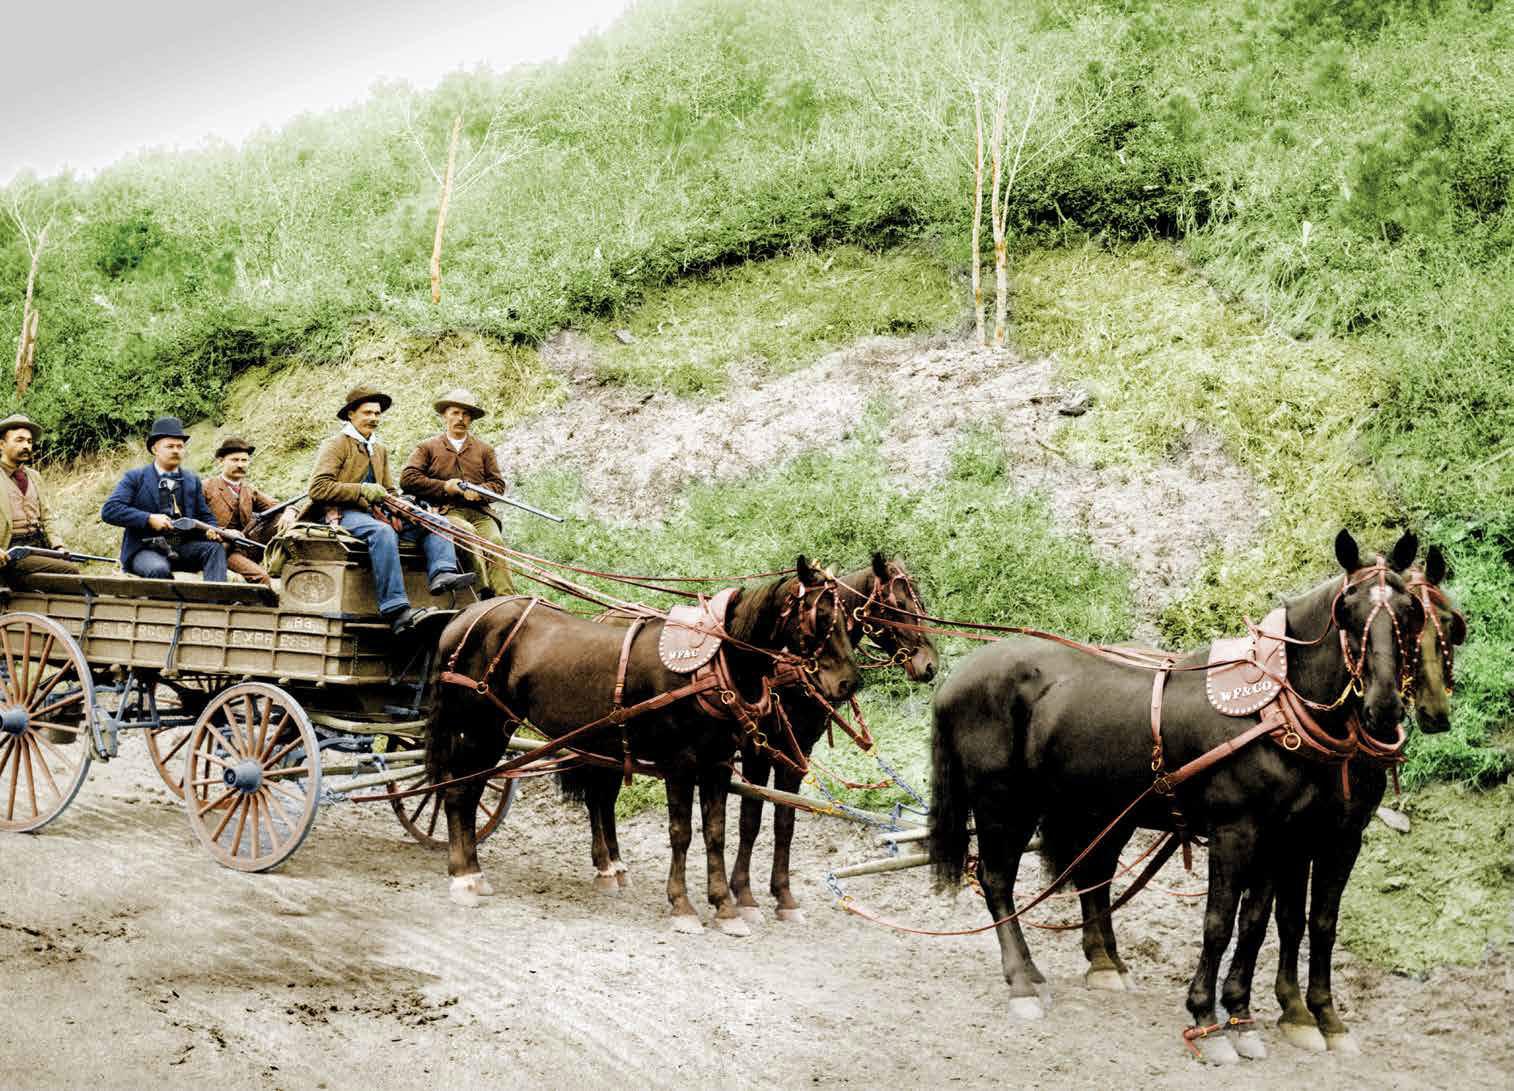 Convoyeurs de la Wells Fargo vers 1900 - source reddit.com